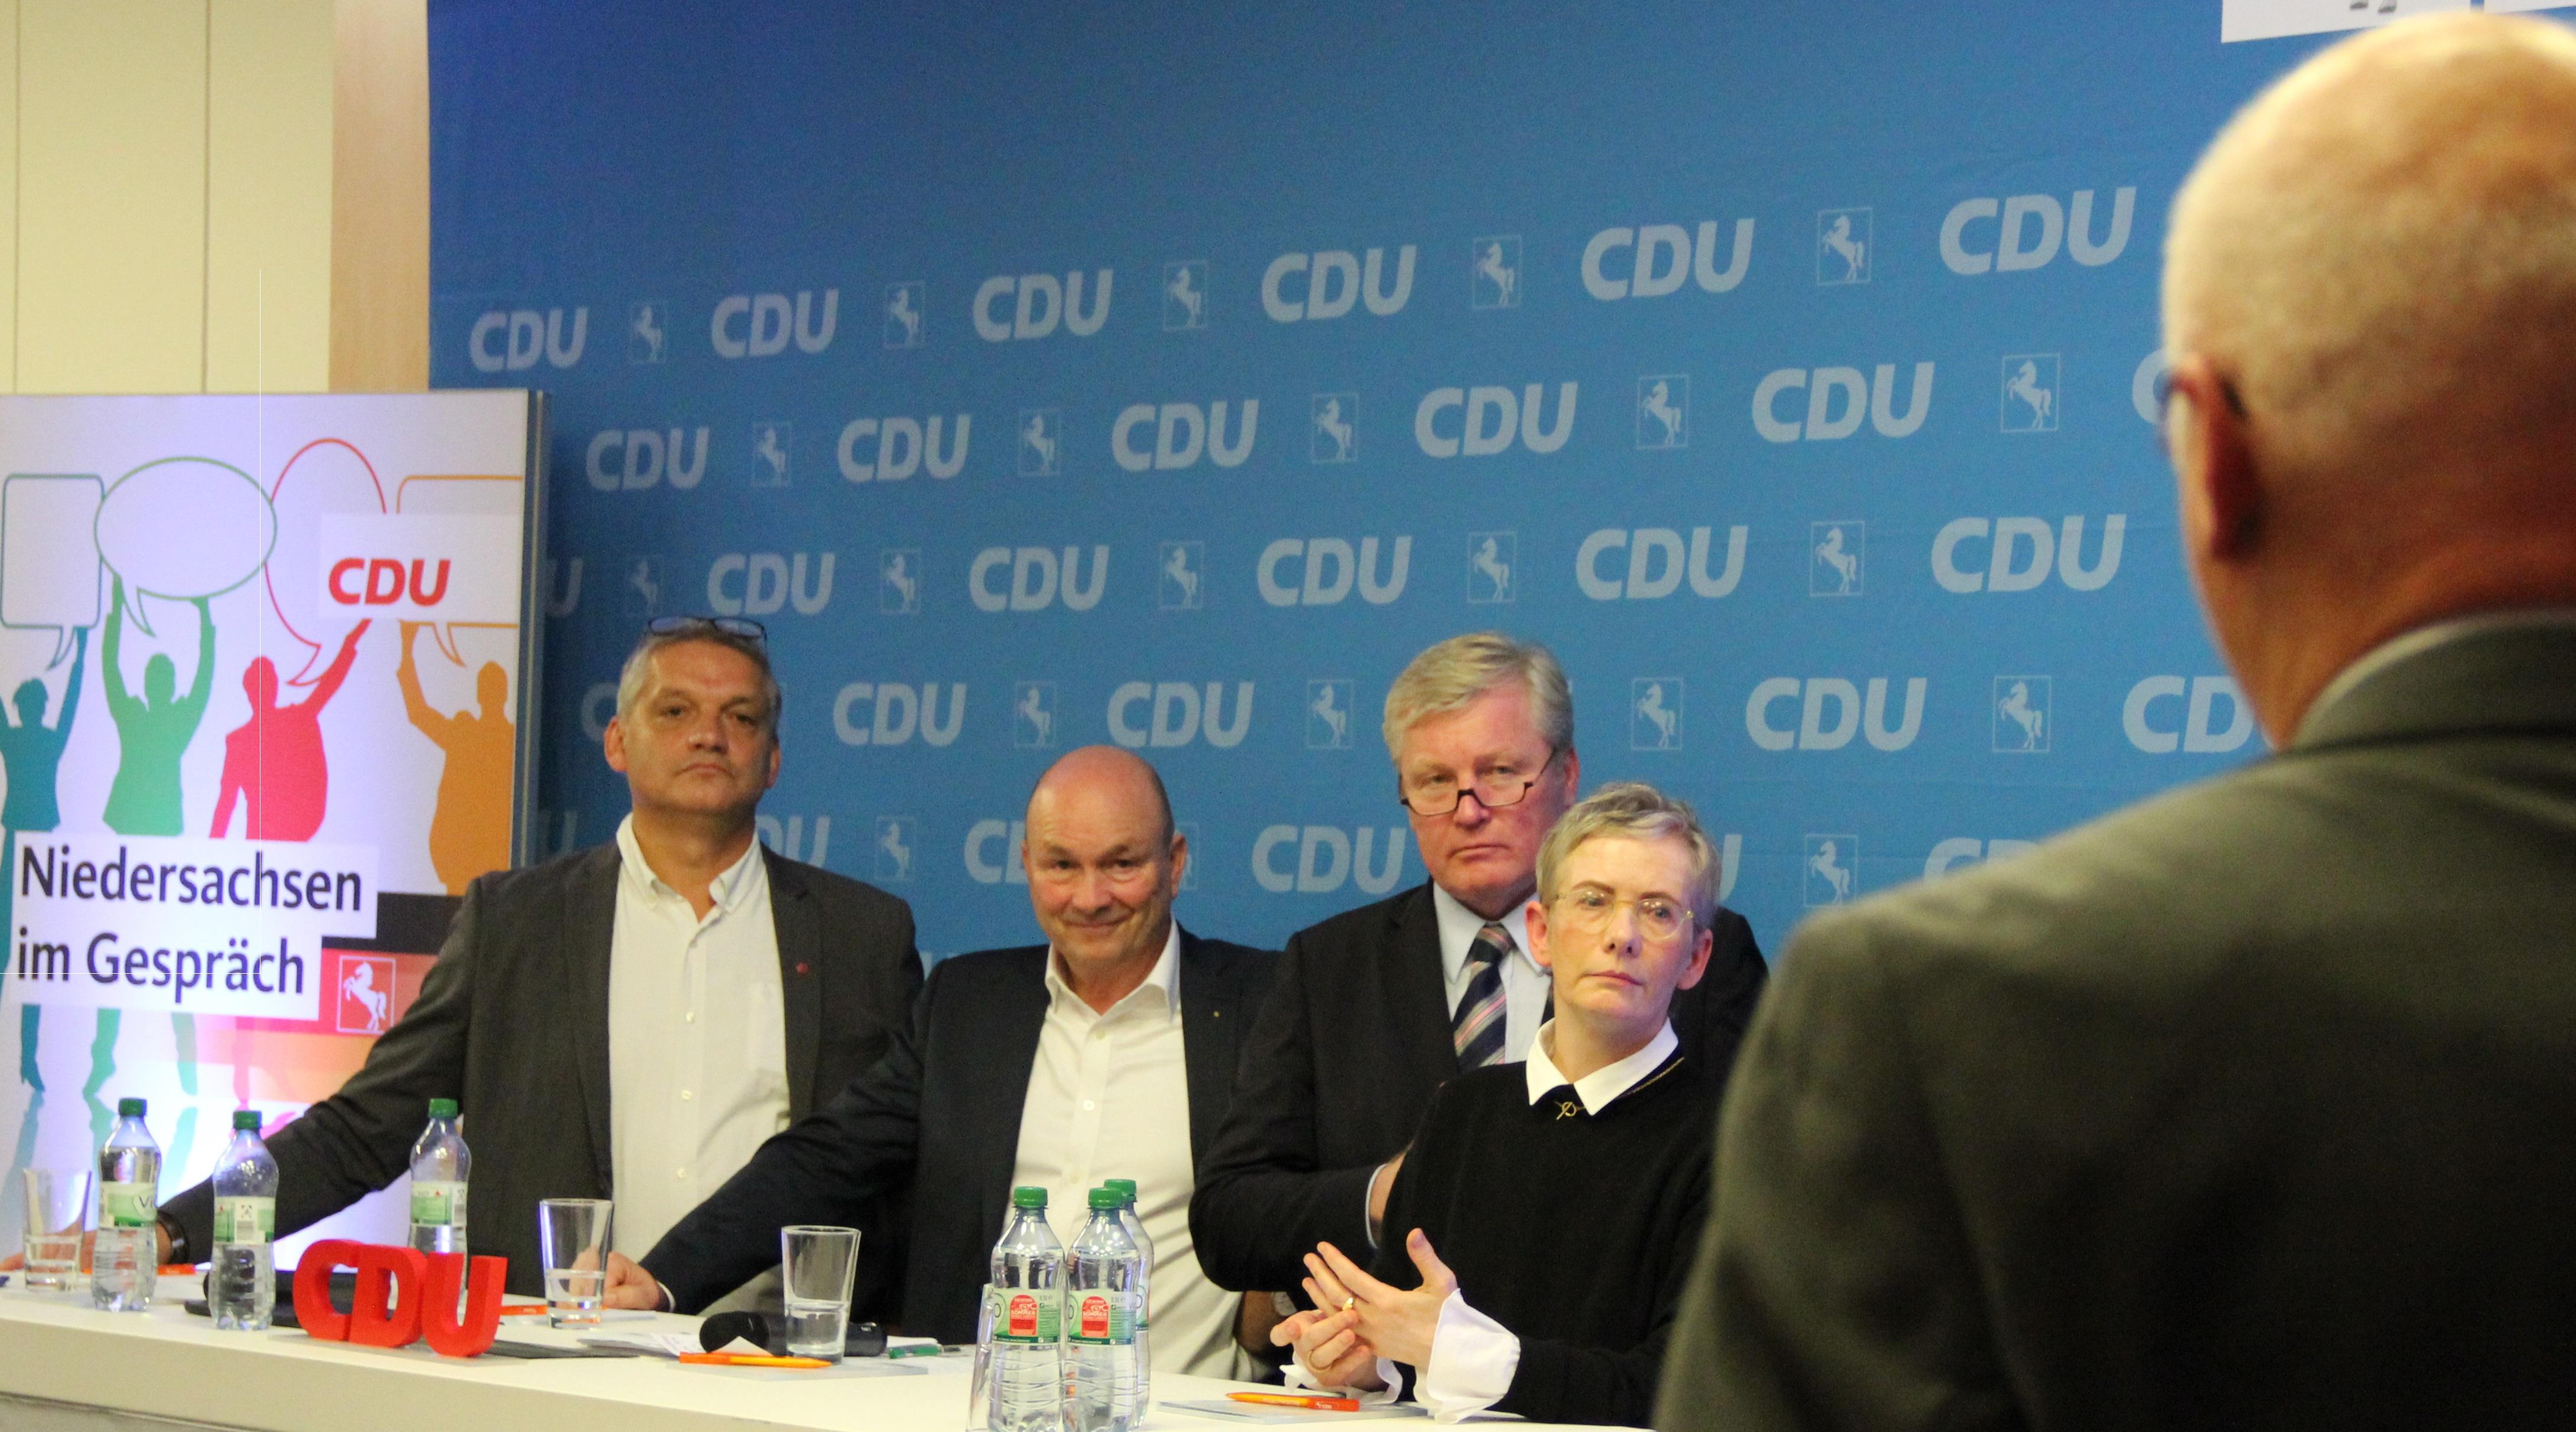 Niedersachsen im Gespräch: Plädoyer für die soziale Marktwirtschaft ...